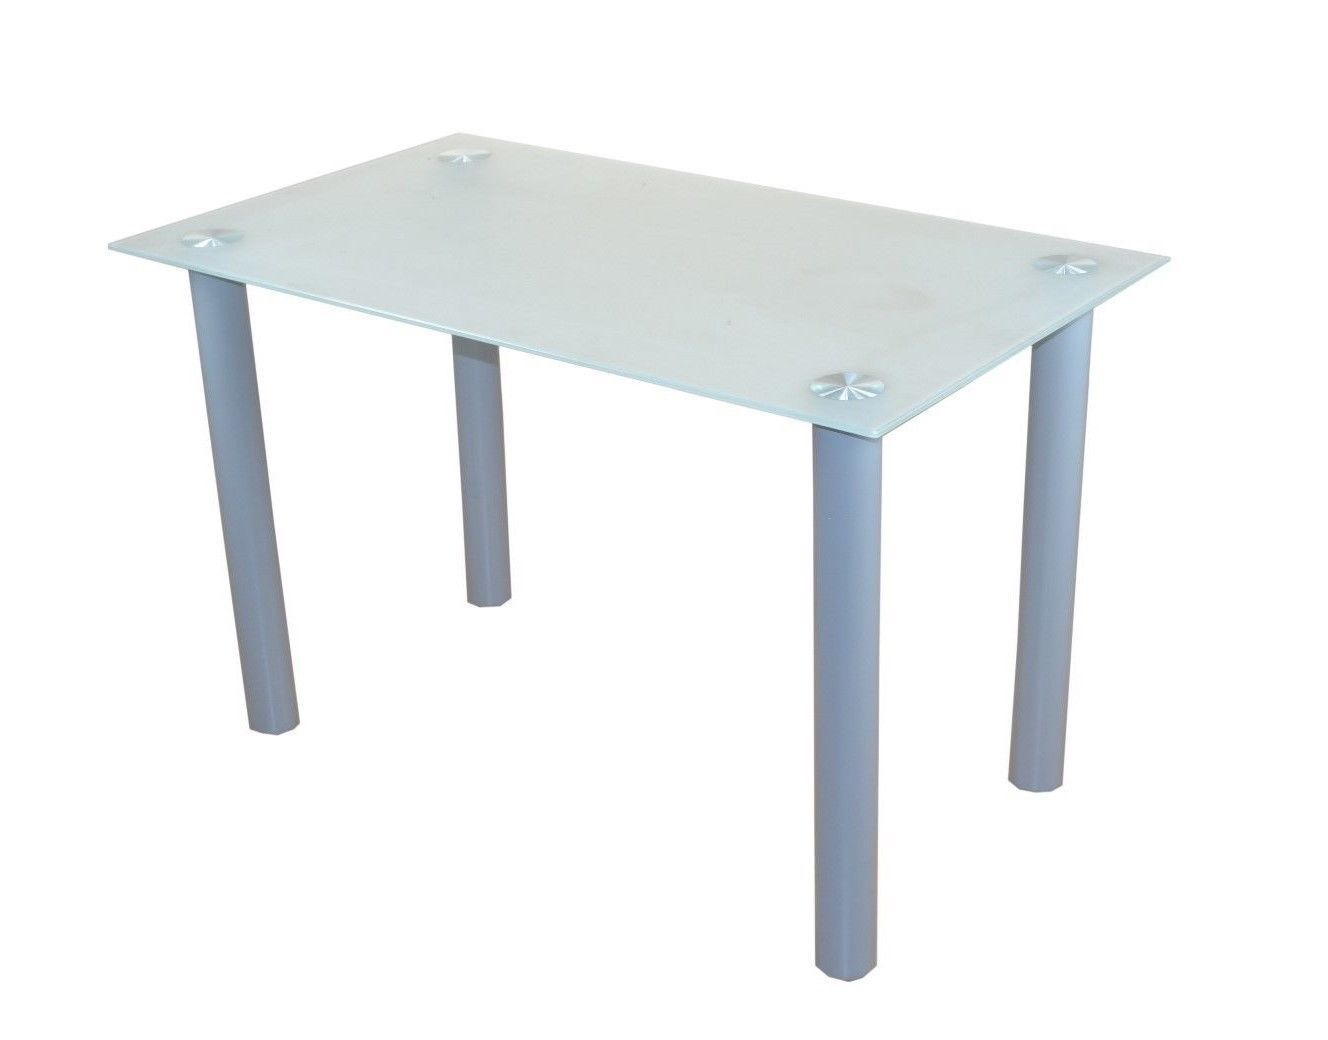 esstisch grau grau glastisch esstisch kchentisch vierfutisch milchglas design with esstisch. Black Bedroom Furniture Sets. Home Design Ideas